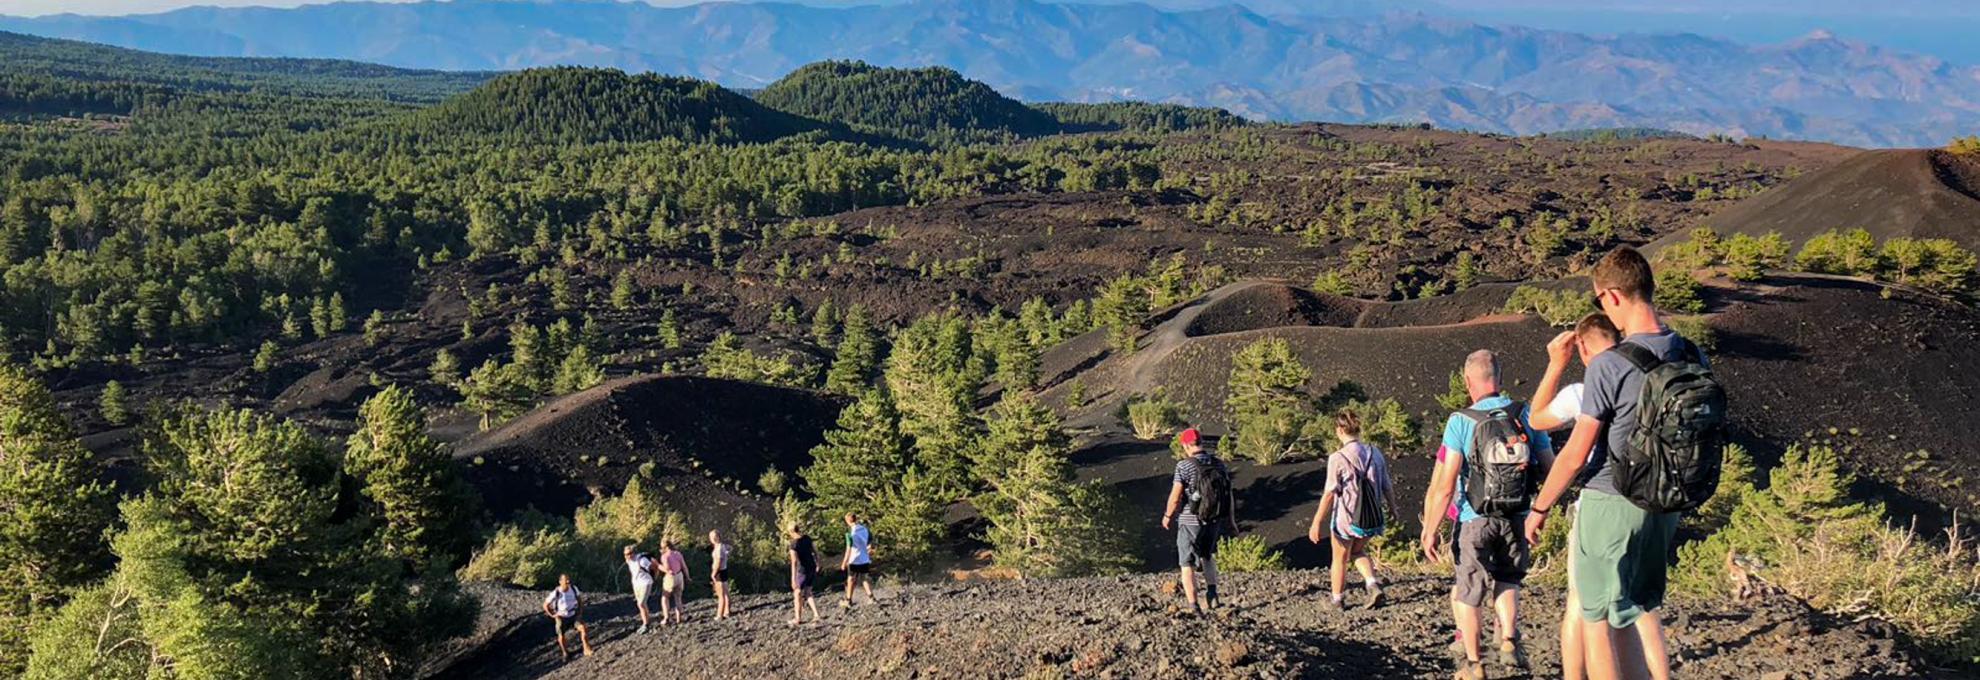 Excursion à l'Etna et aux gorges de l'Alcantara